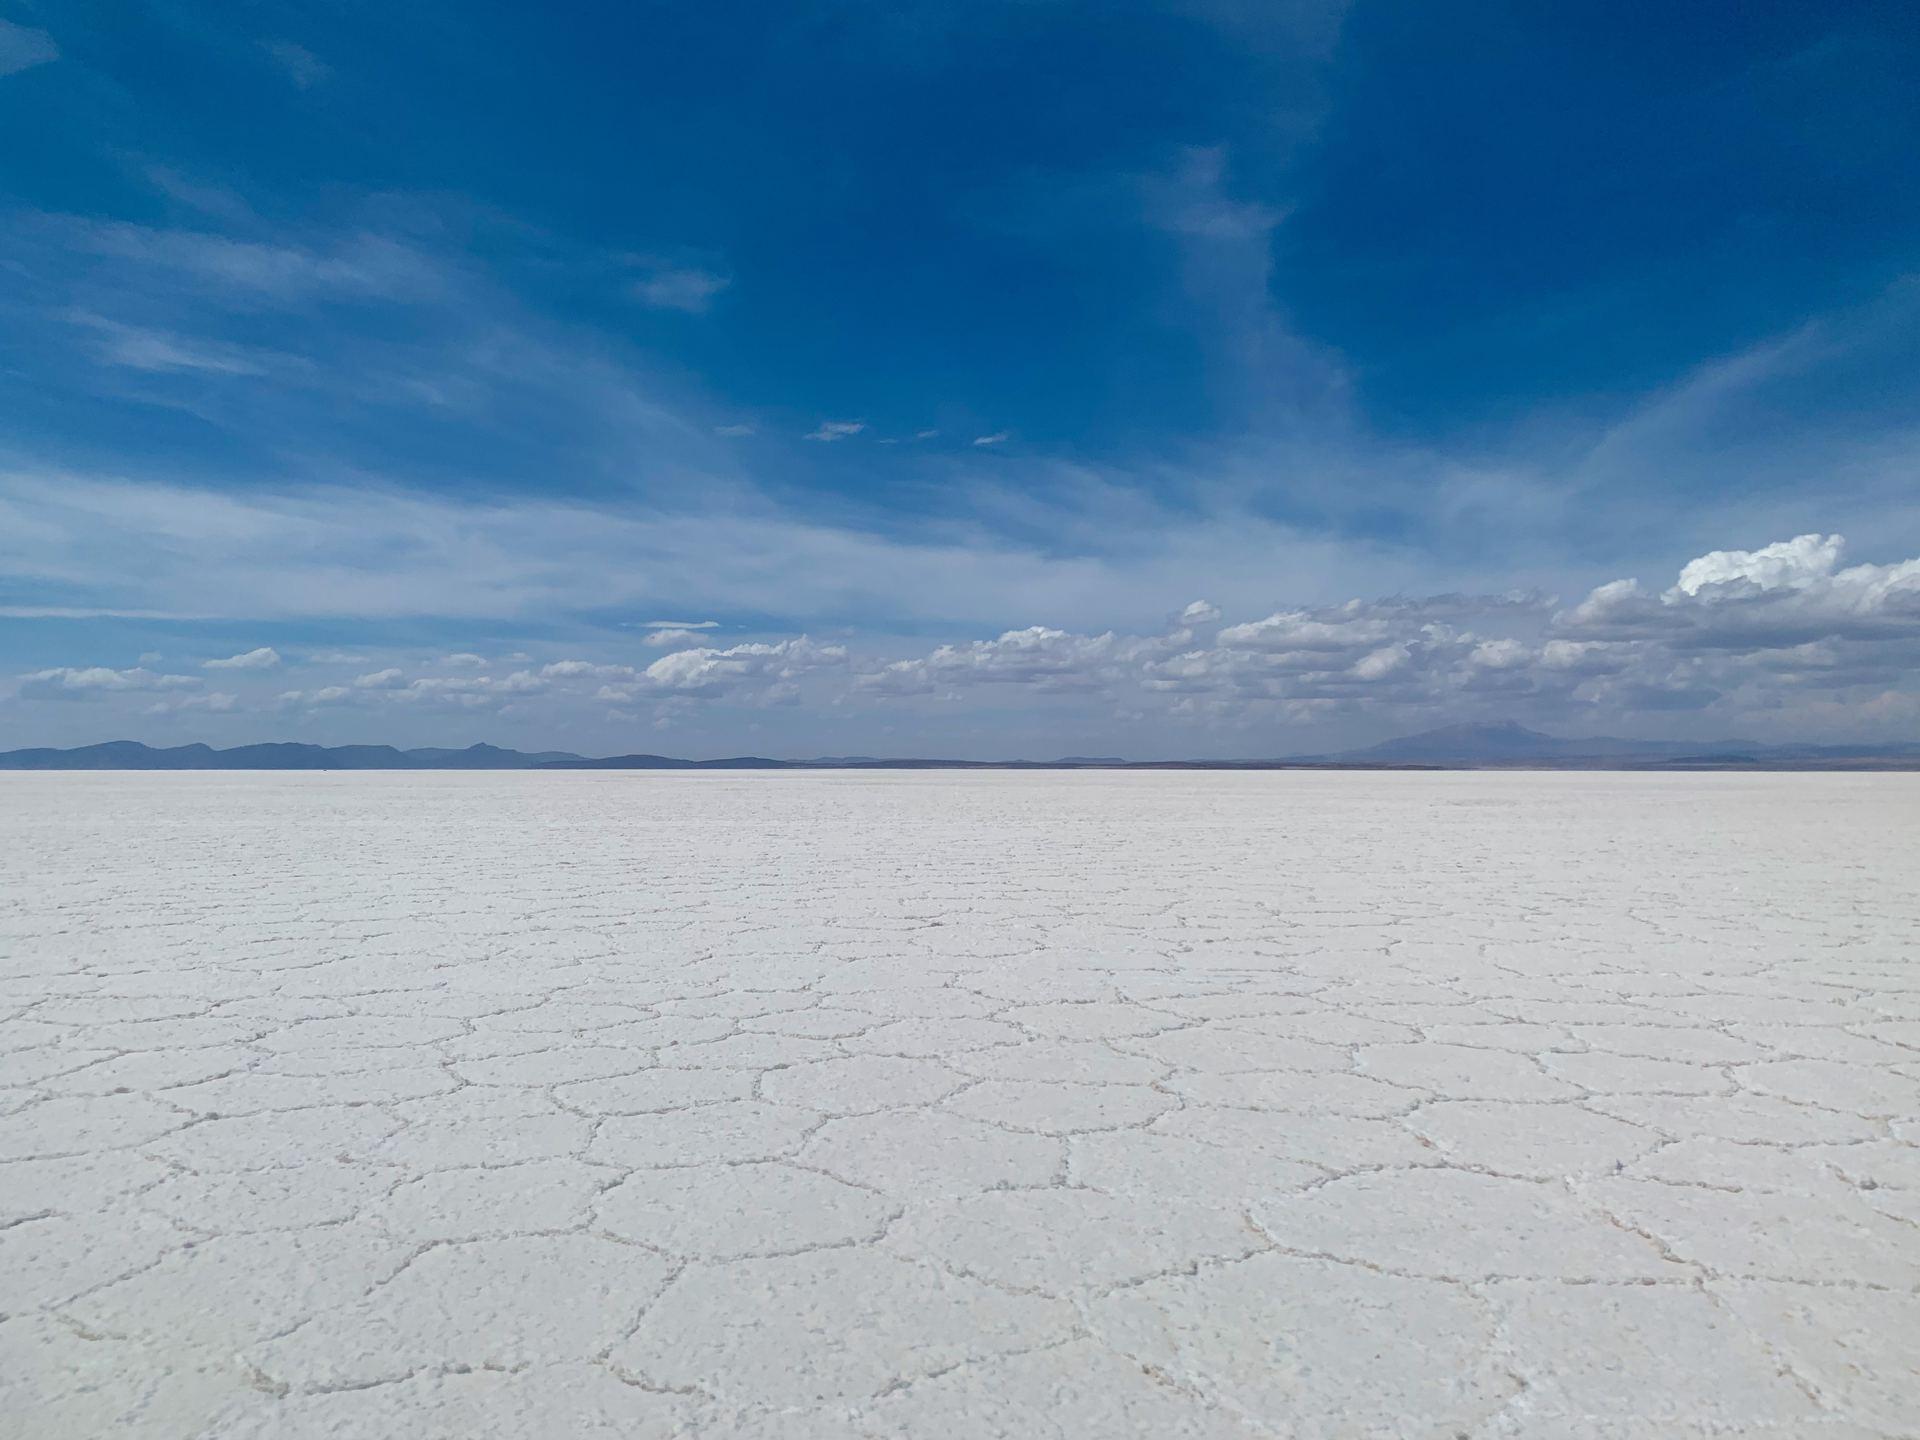 Salt flats in Botswana Desert